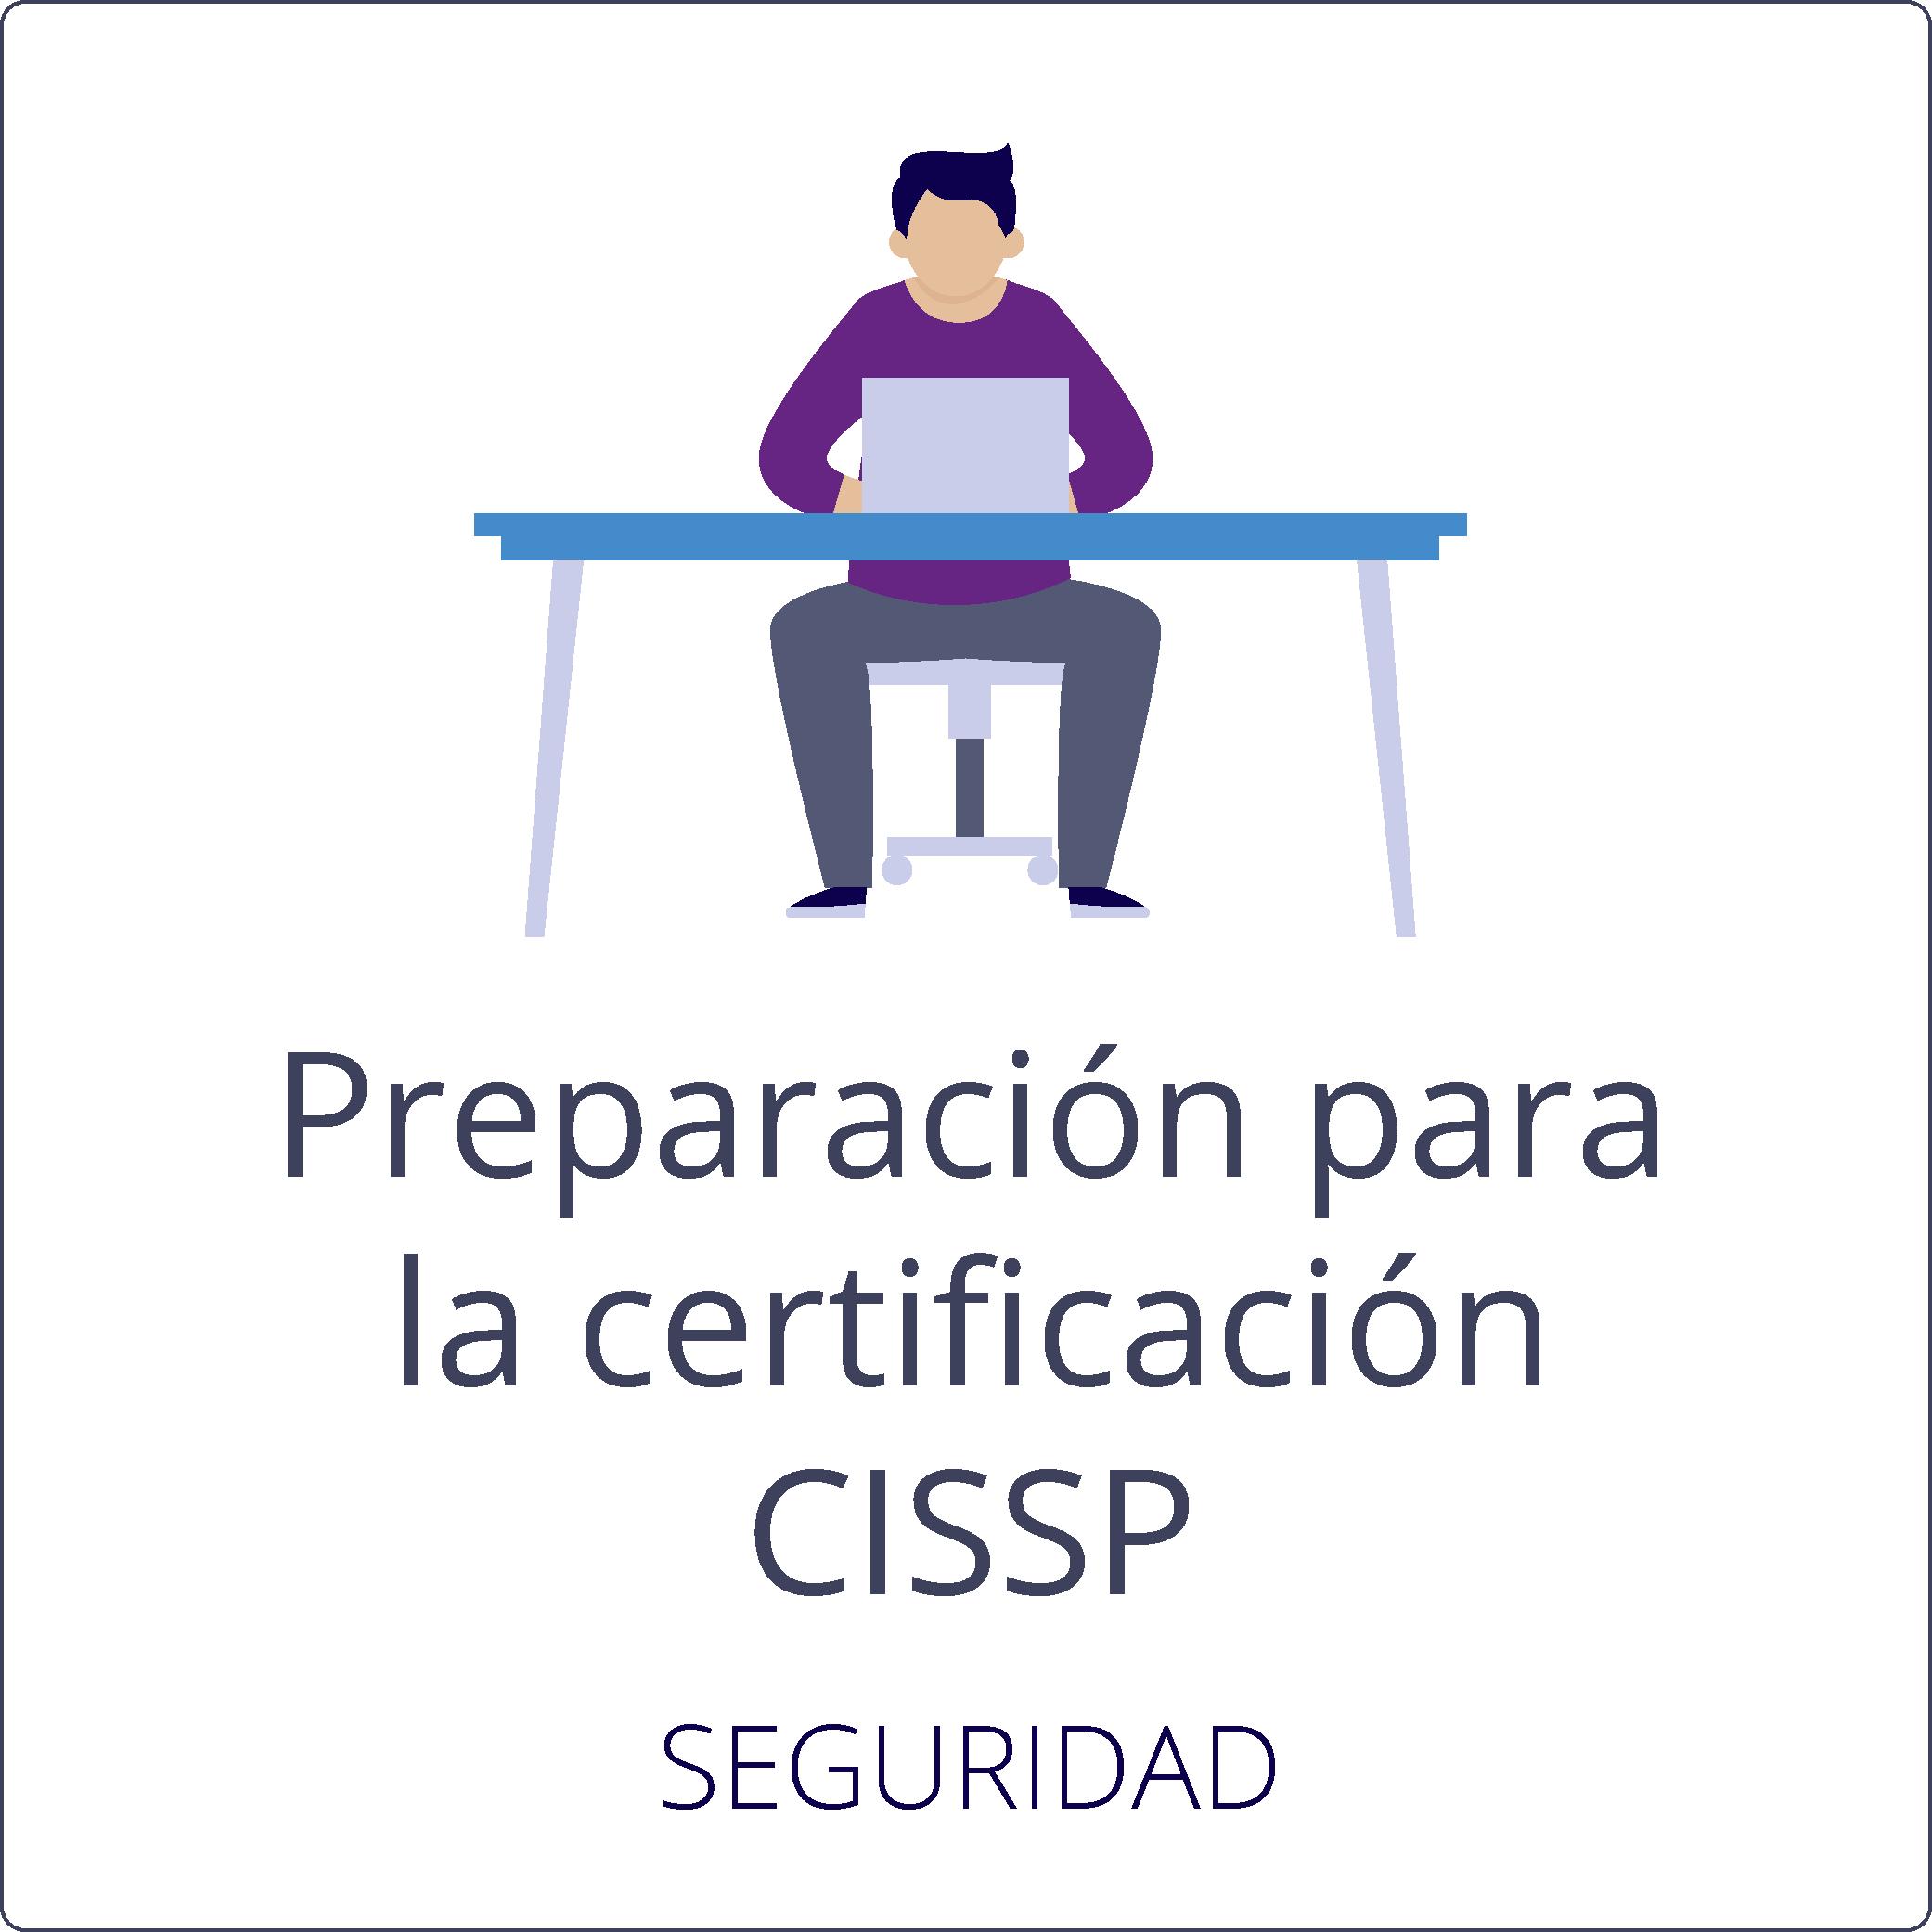 Preparación para la certificación CISSP